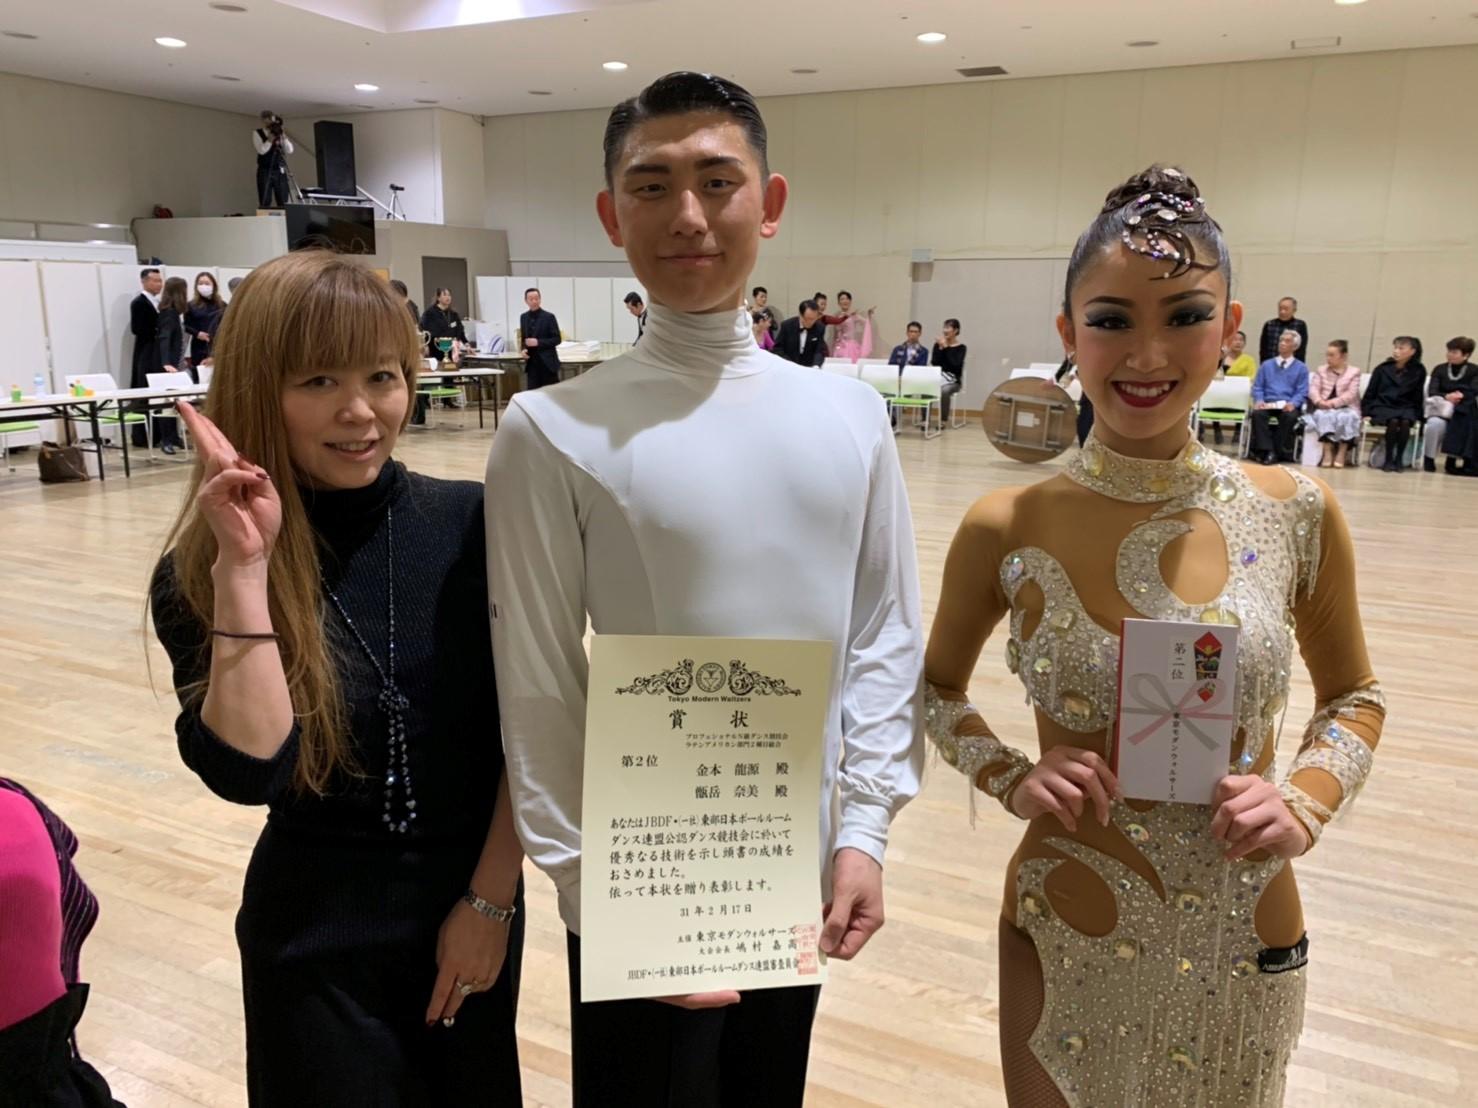 金本龍源|競技会|プロ|ラテン|社交ダンス